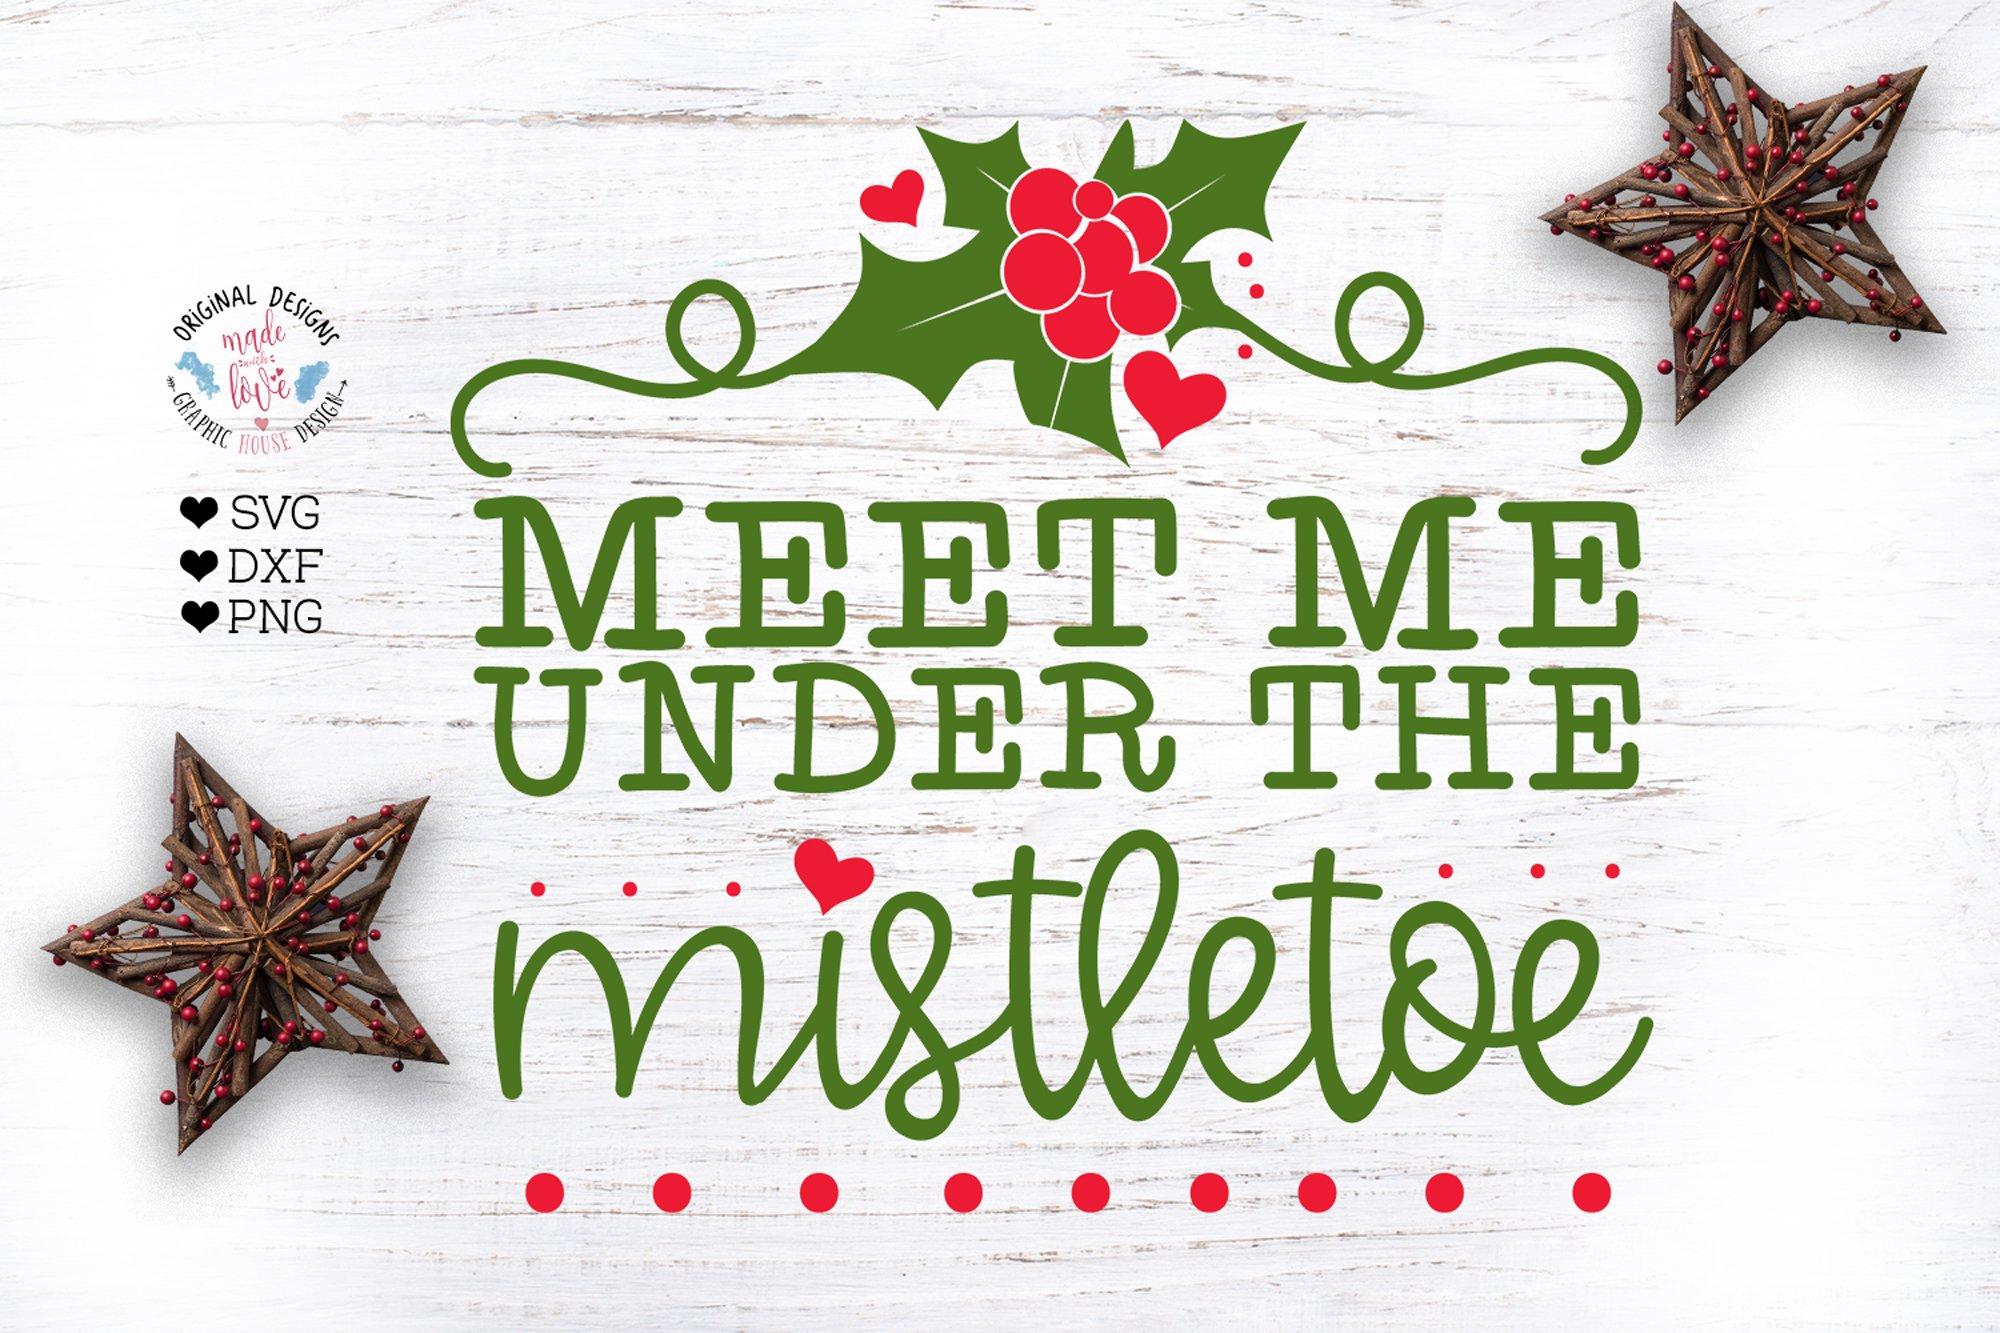 Meet Me Under The Mistletoe Christmas Cut File 353527 Svgs Design Bundles